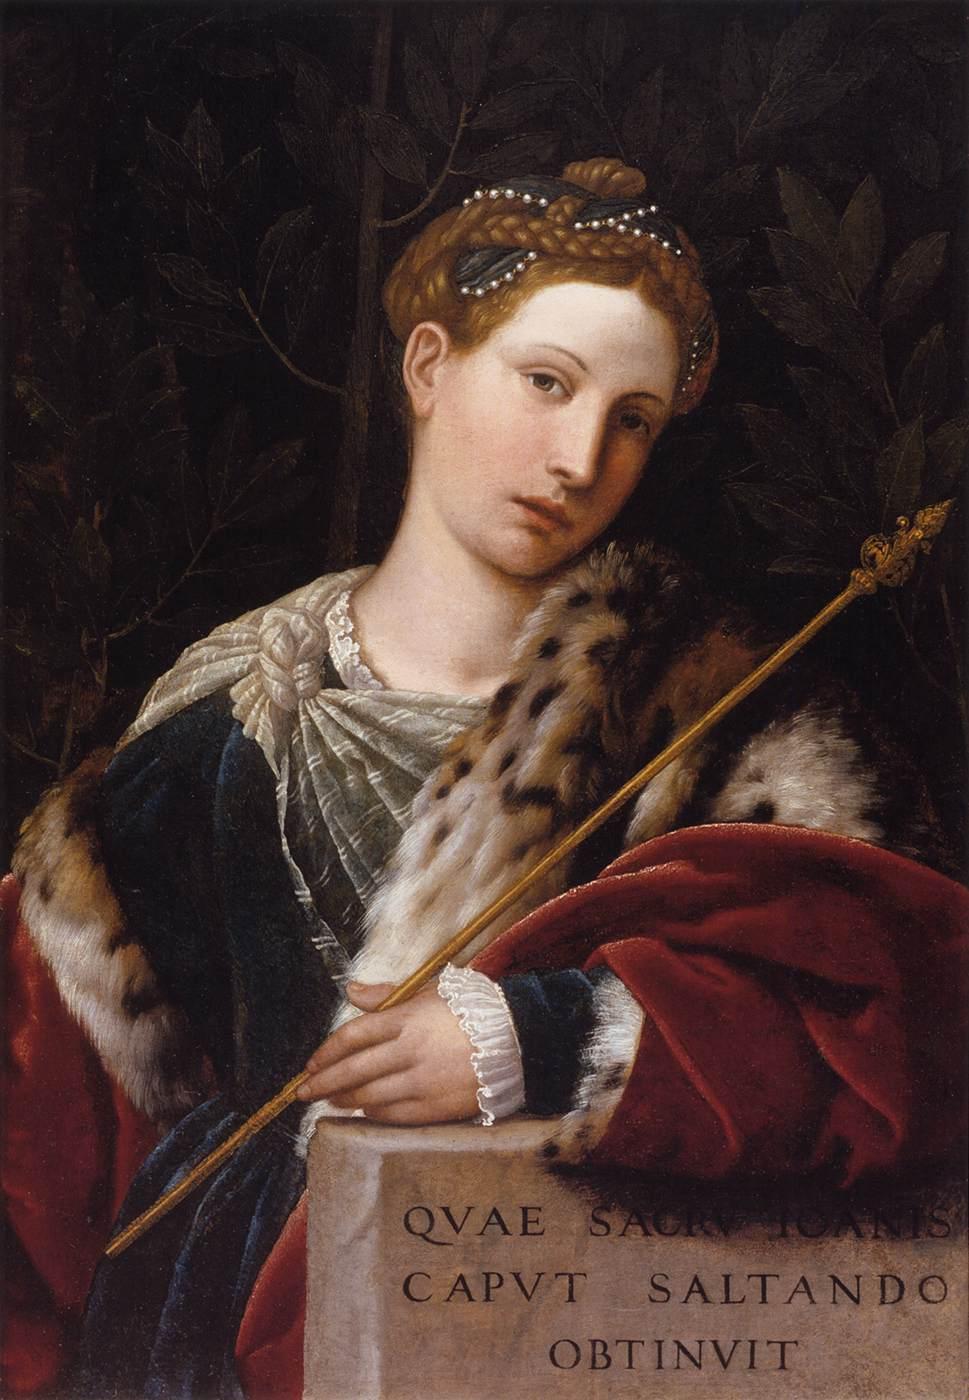 Portrait de Tullia d'Aragona en Salomé, Pinacoteca Tosio Martinengo, Brescia, 1537 (source : wga).